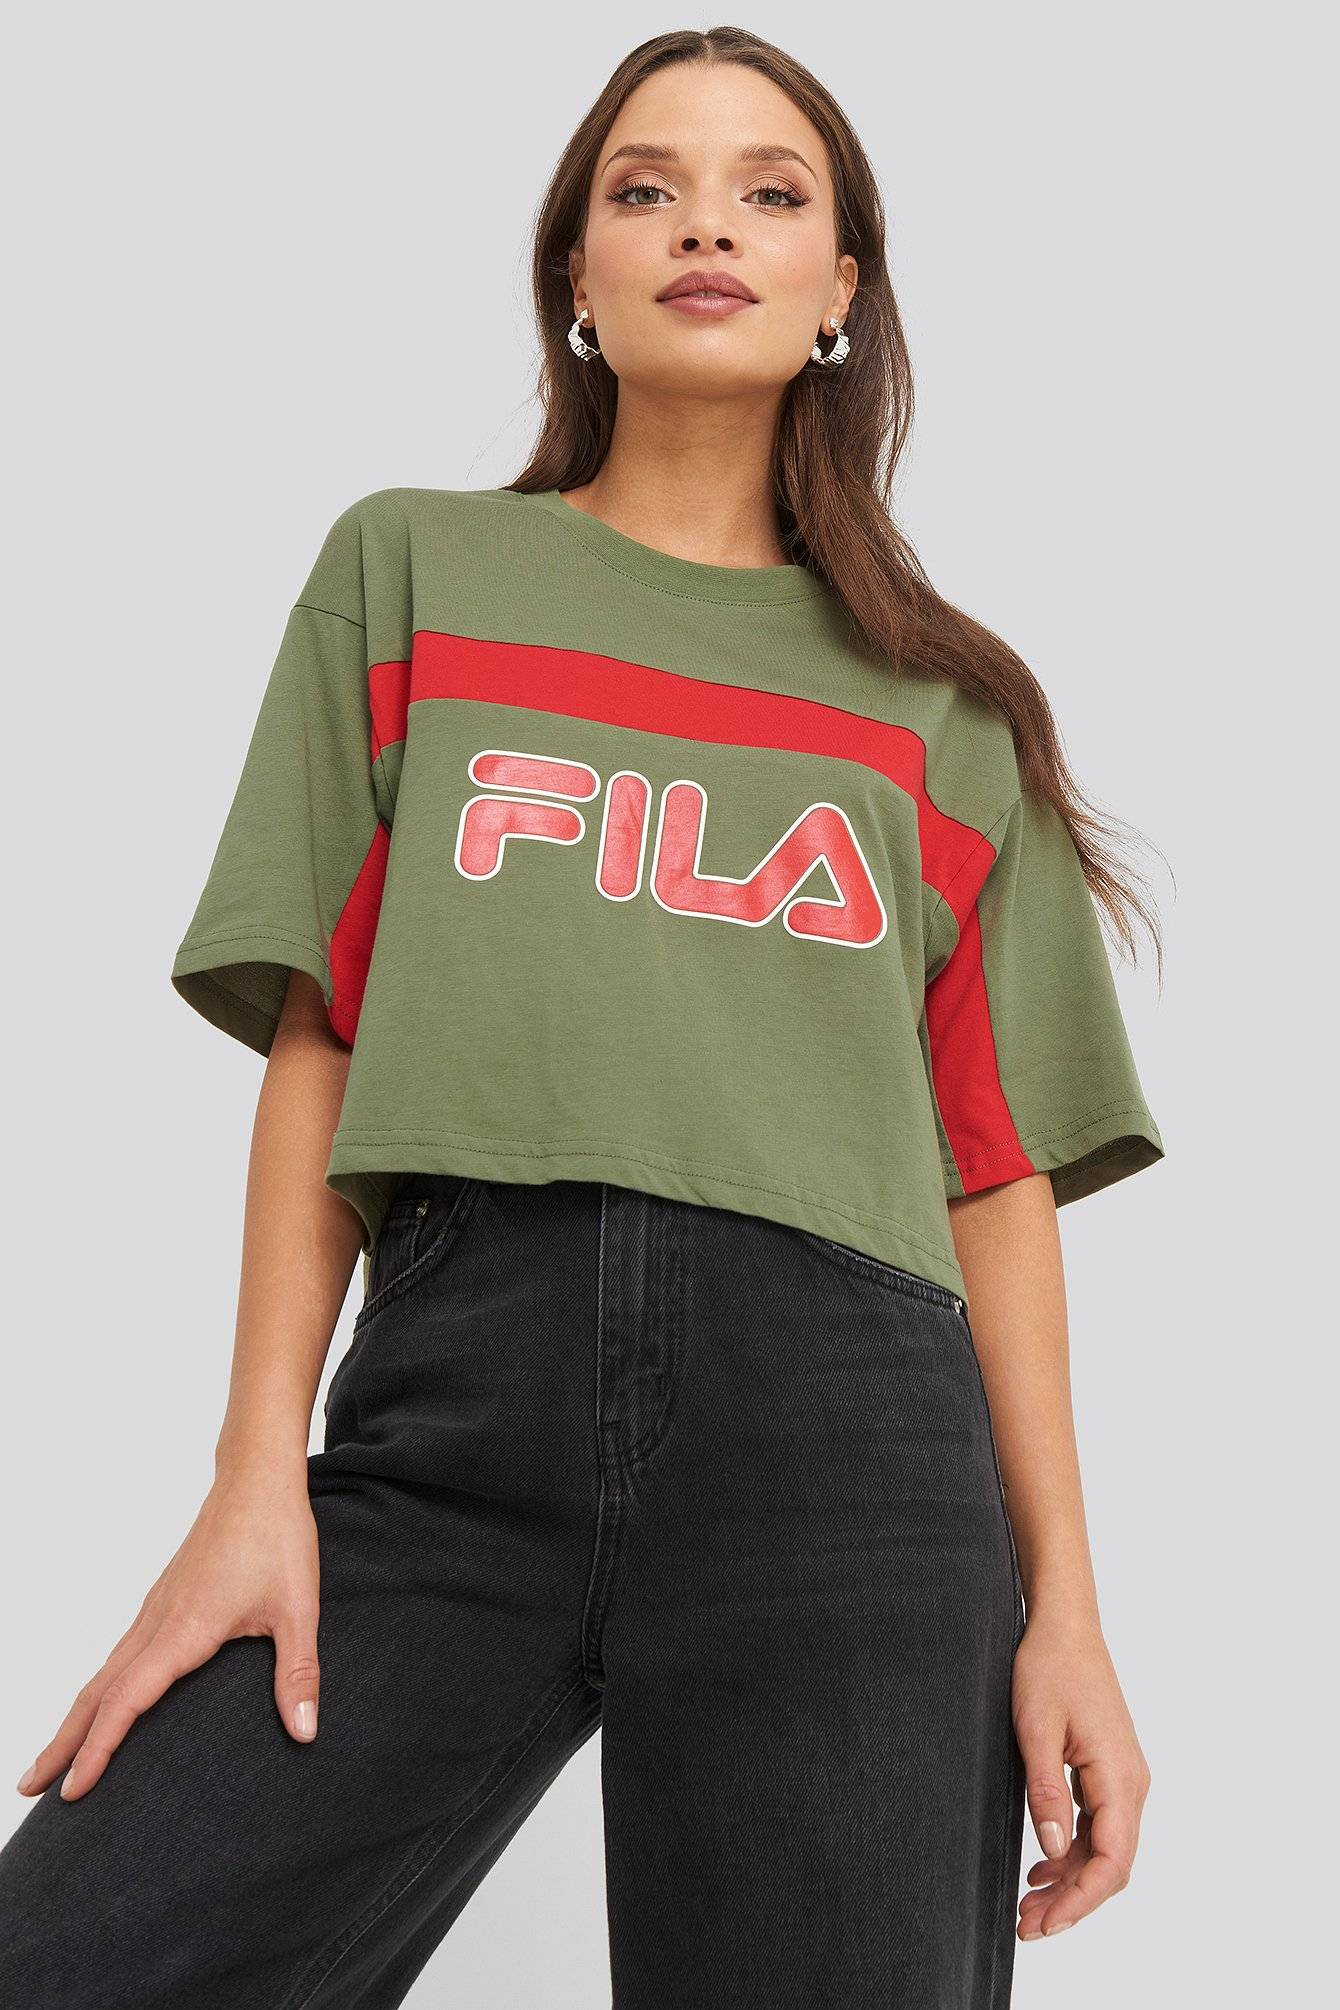 FILA Ulani Cropped Tee - Multicolor